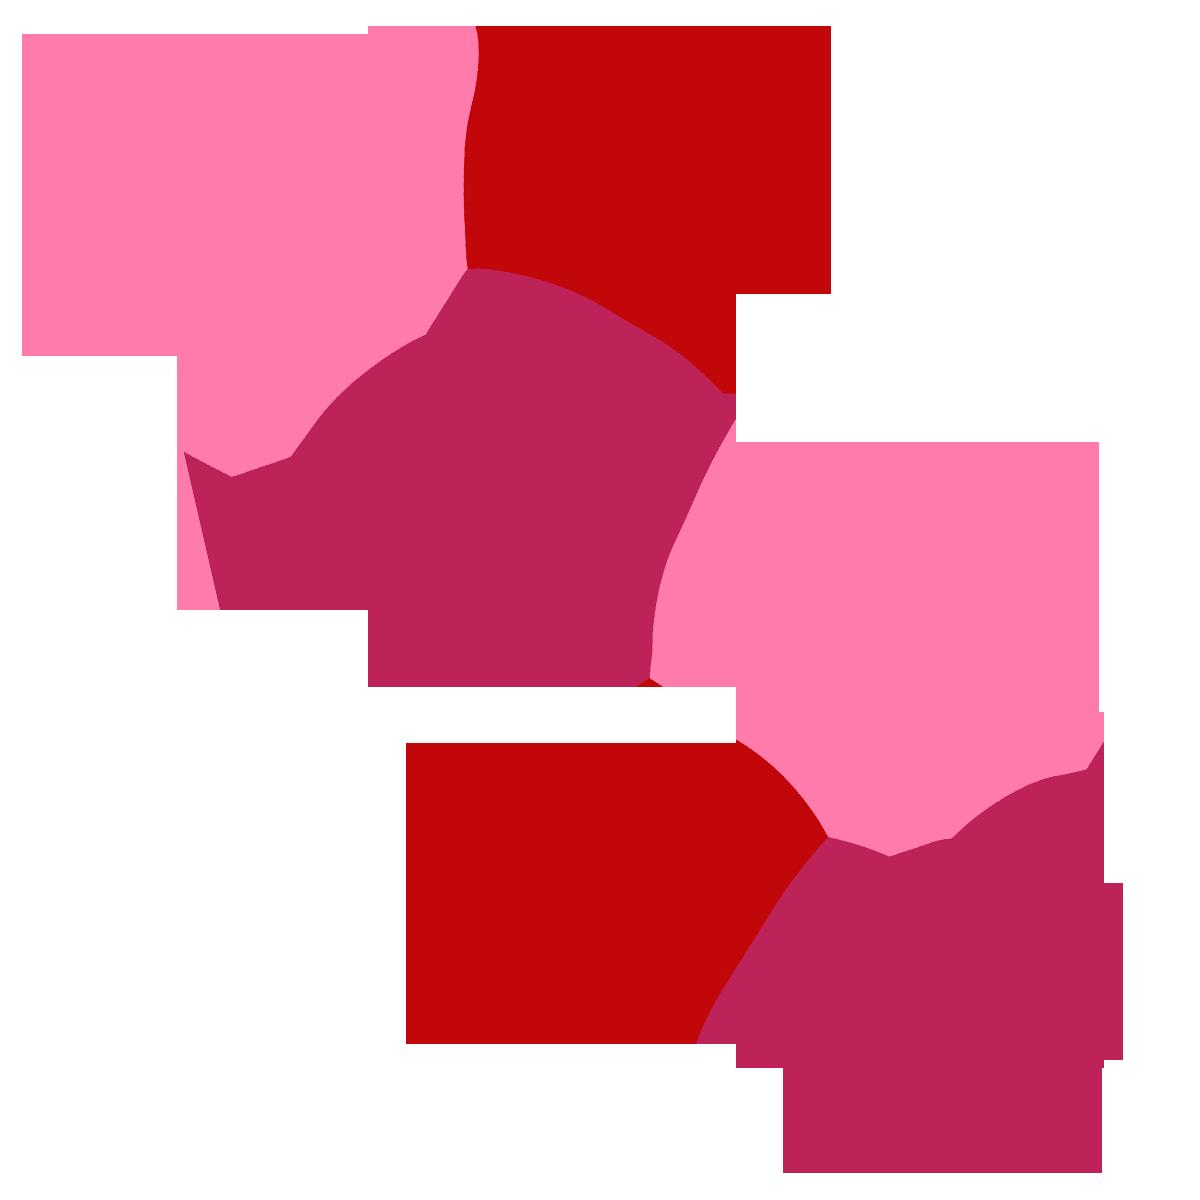 Hearts heart clip art heart image 3-Hearts heart clip art heart image 3-11